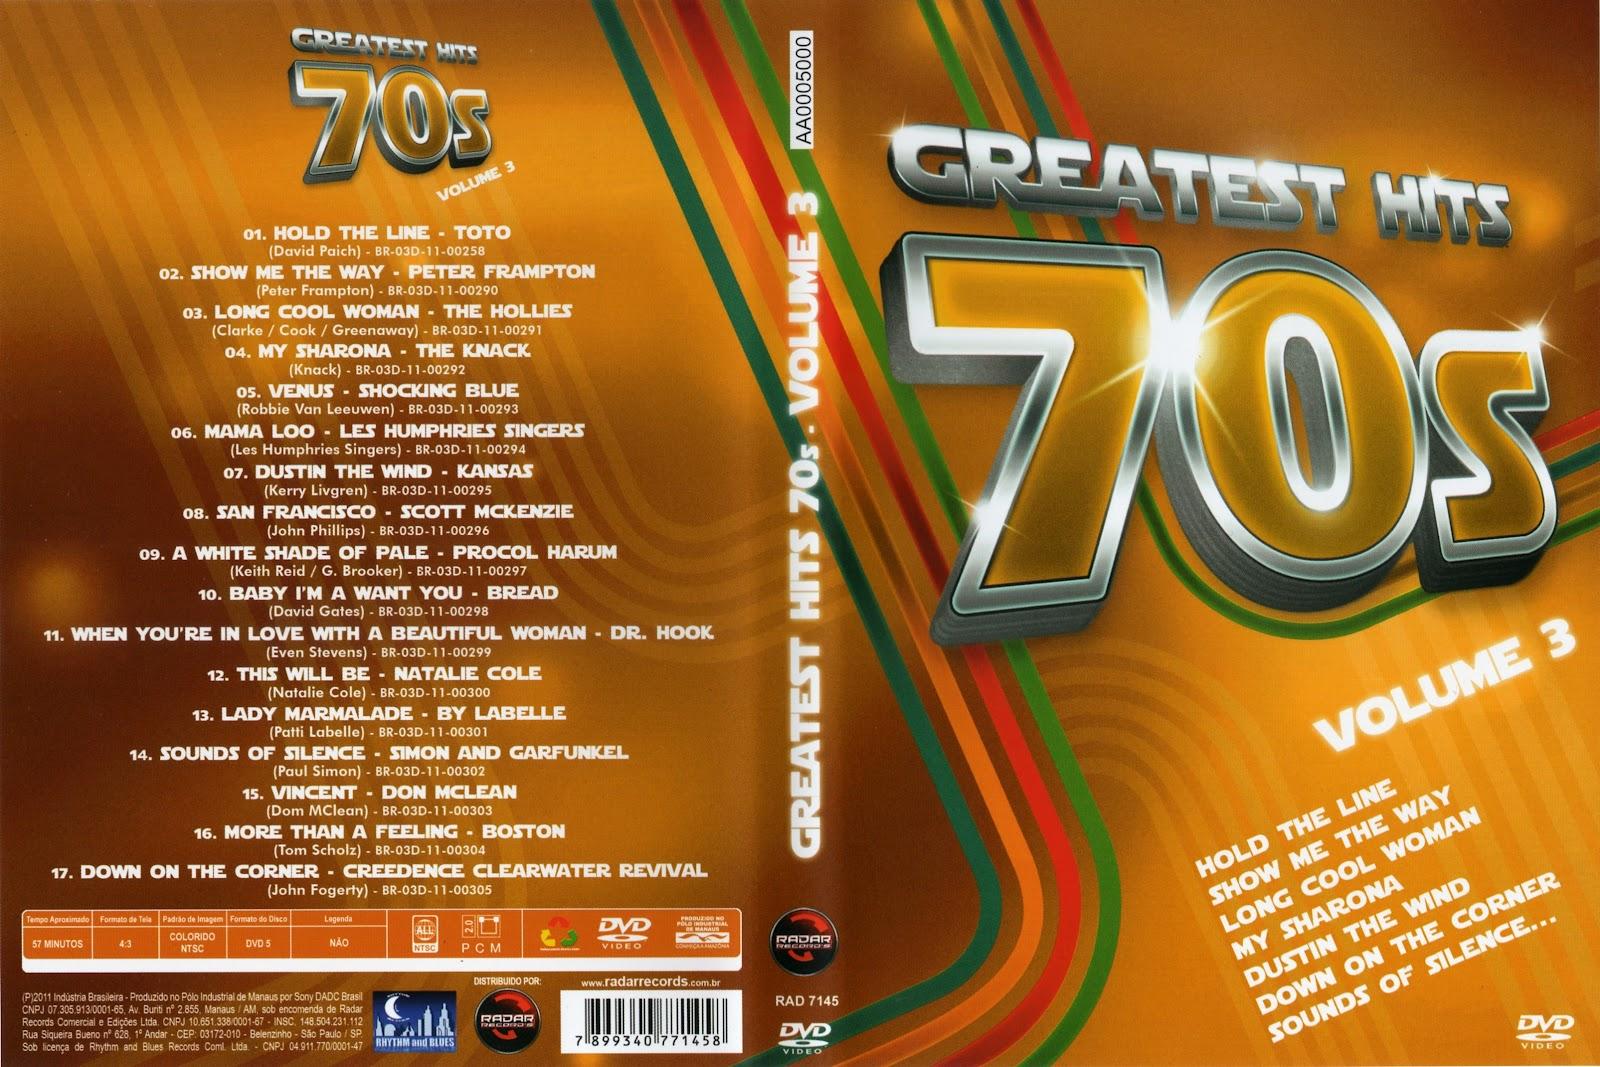 http://2.bp.blogspot.com/-AZUMkCoQf8k/UCv4JDFDmvI/AAAAAAAAAts/8vwFwXYSwIM/s1600/Greatest+Hits+70\'+vol.03.jpg